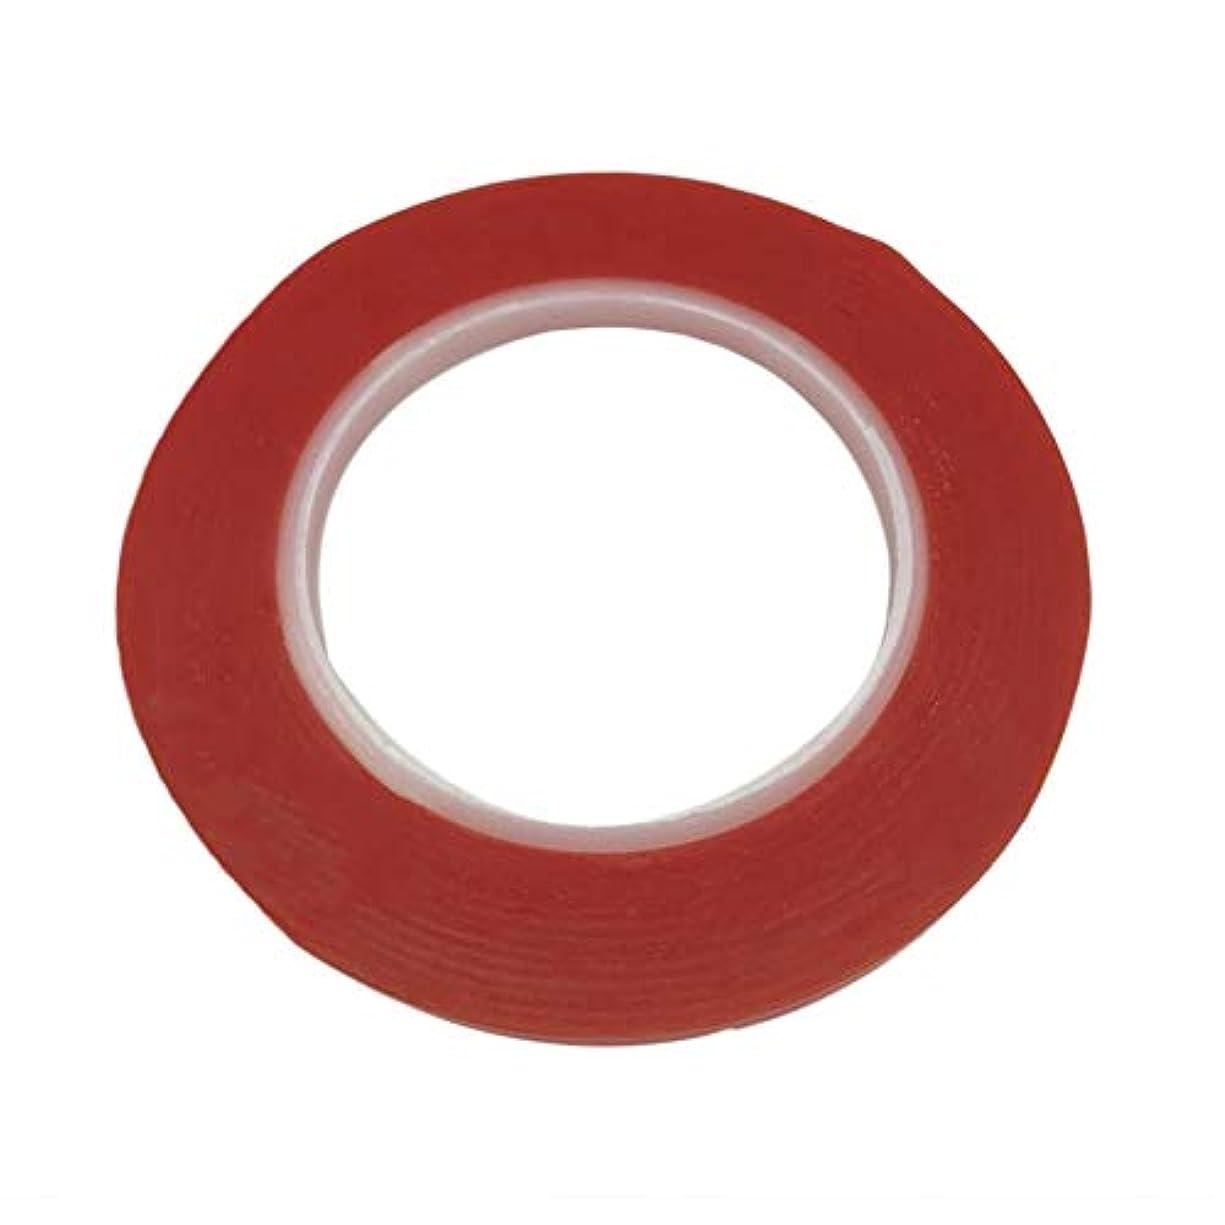 宣言重要な赤ちゃんプロフェッショナル25メートル防水赤透明両面強力粘着高温レジスト5ミリメートルテープ修復ツール(Color:red)